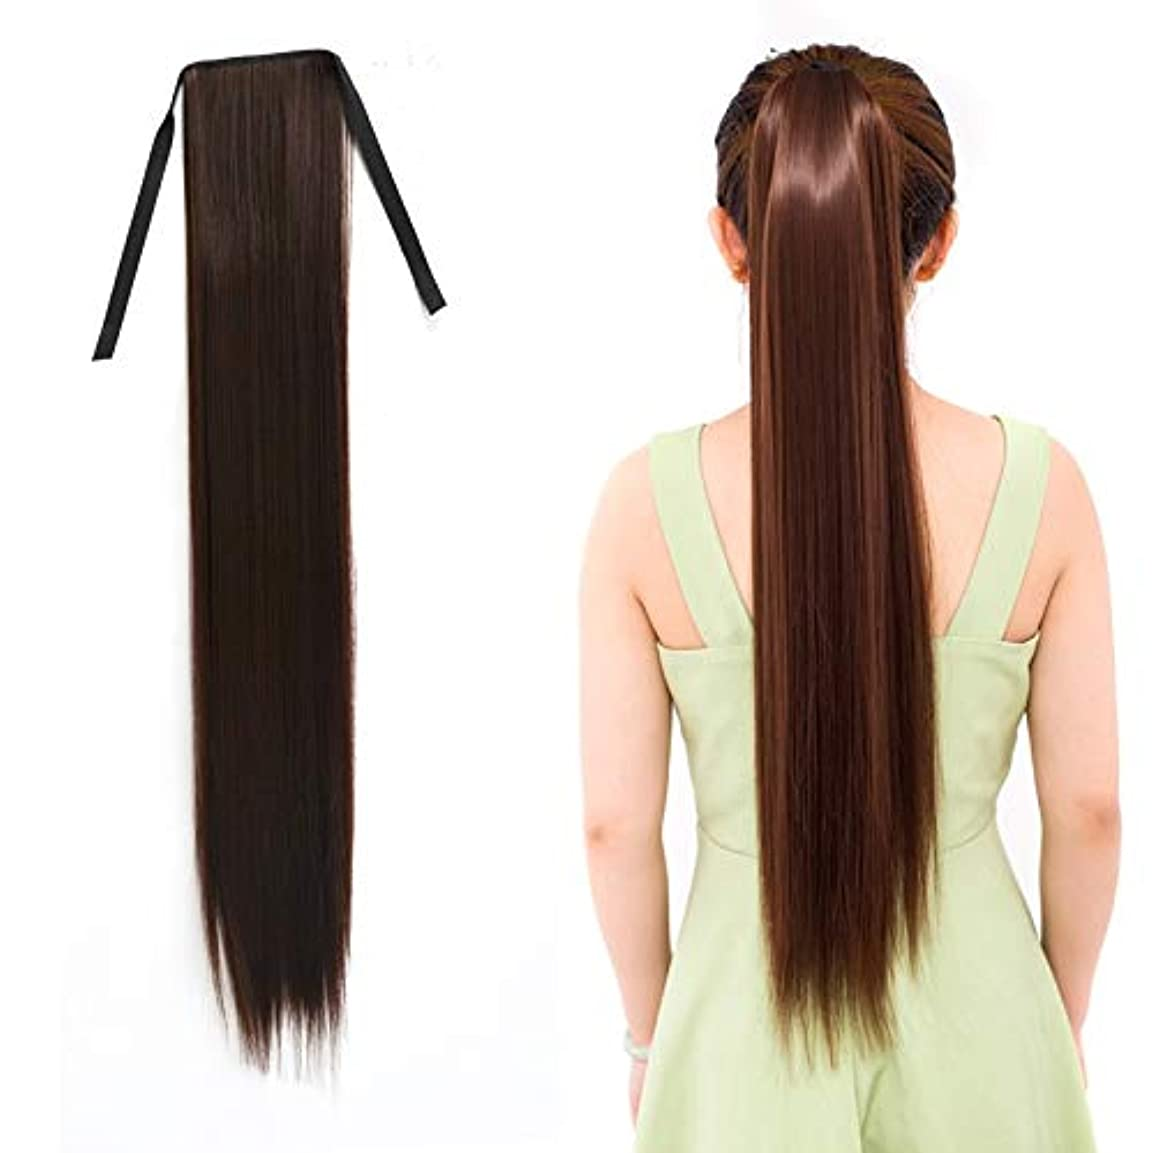 抑圧者穿孔する装置美しさ 女性のためのナチュラルロングストレートヘアポニーテール包帯かつらポニーテール、長さ:75センチ ヘア&シェービング (色 : Black Brown)